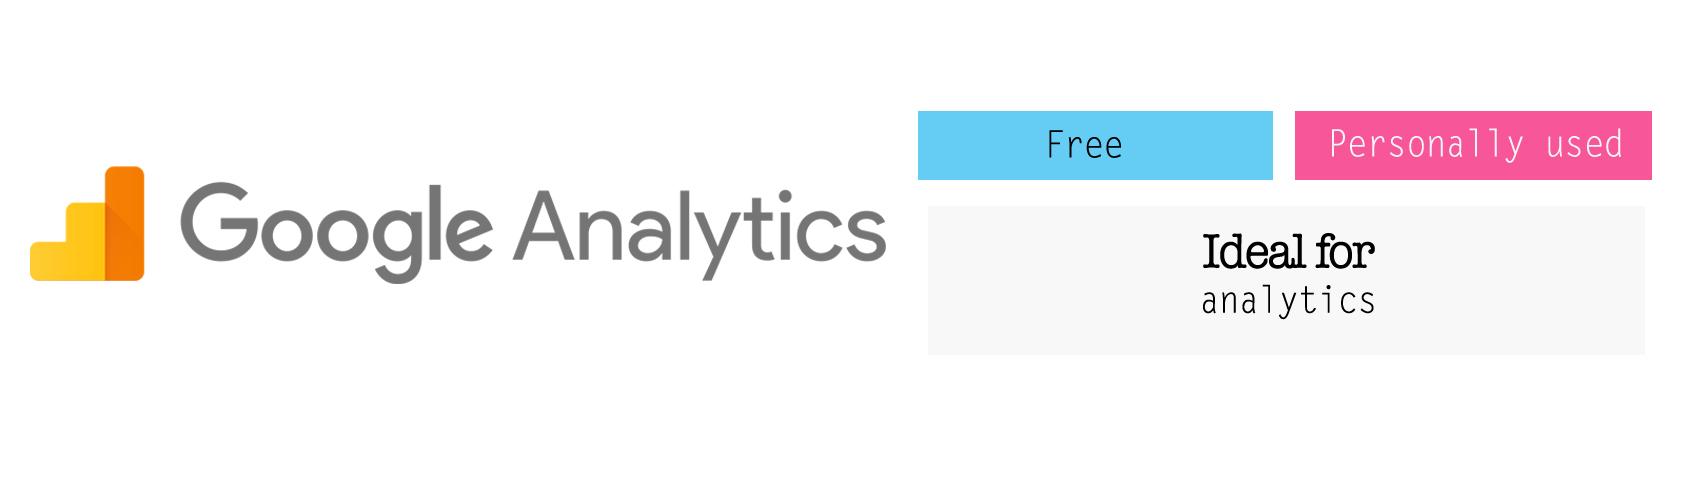 Google Analytics for analytics